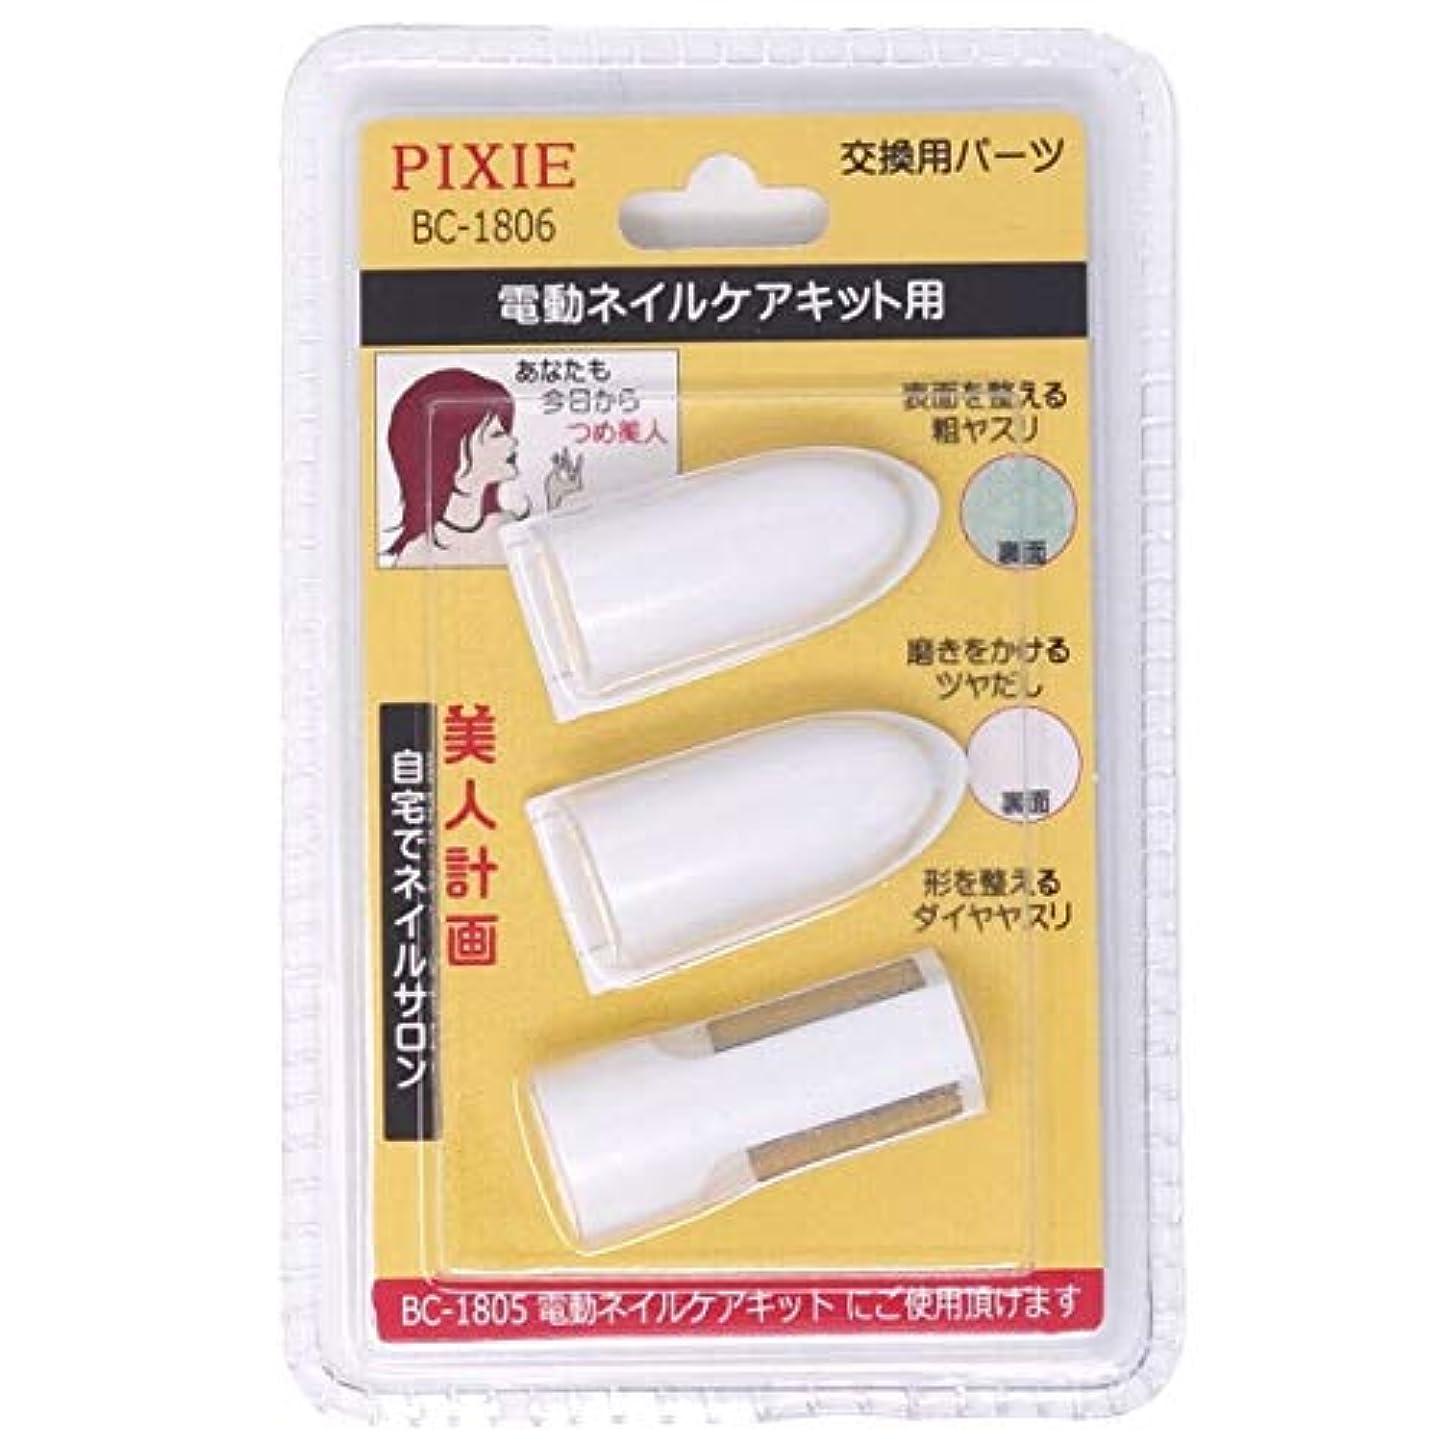 全国がっかりした水爪美人 電動ネイルケアキット用 交換パーツセット PIXIE BC-1807